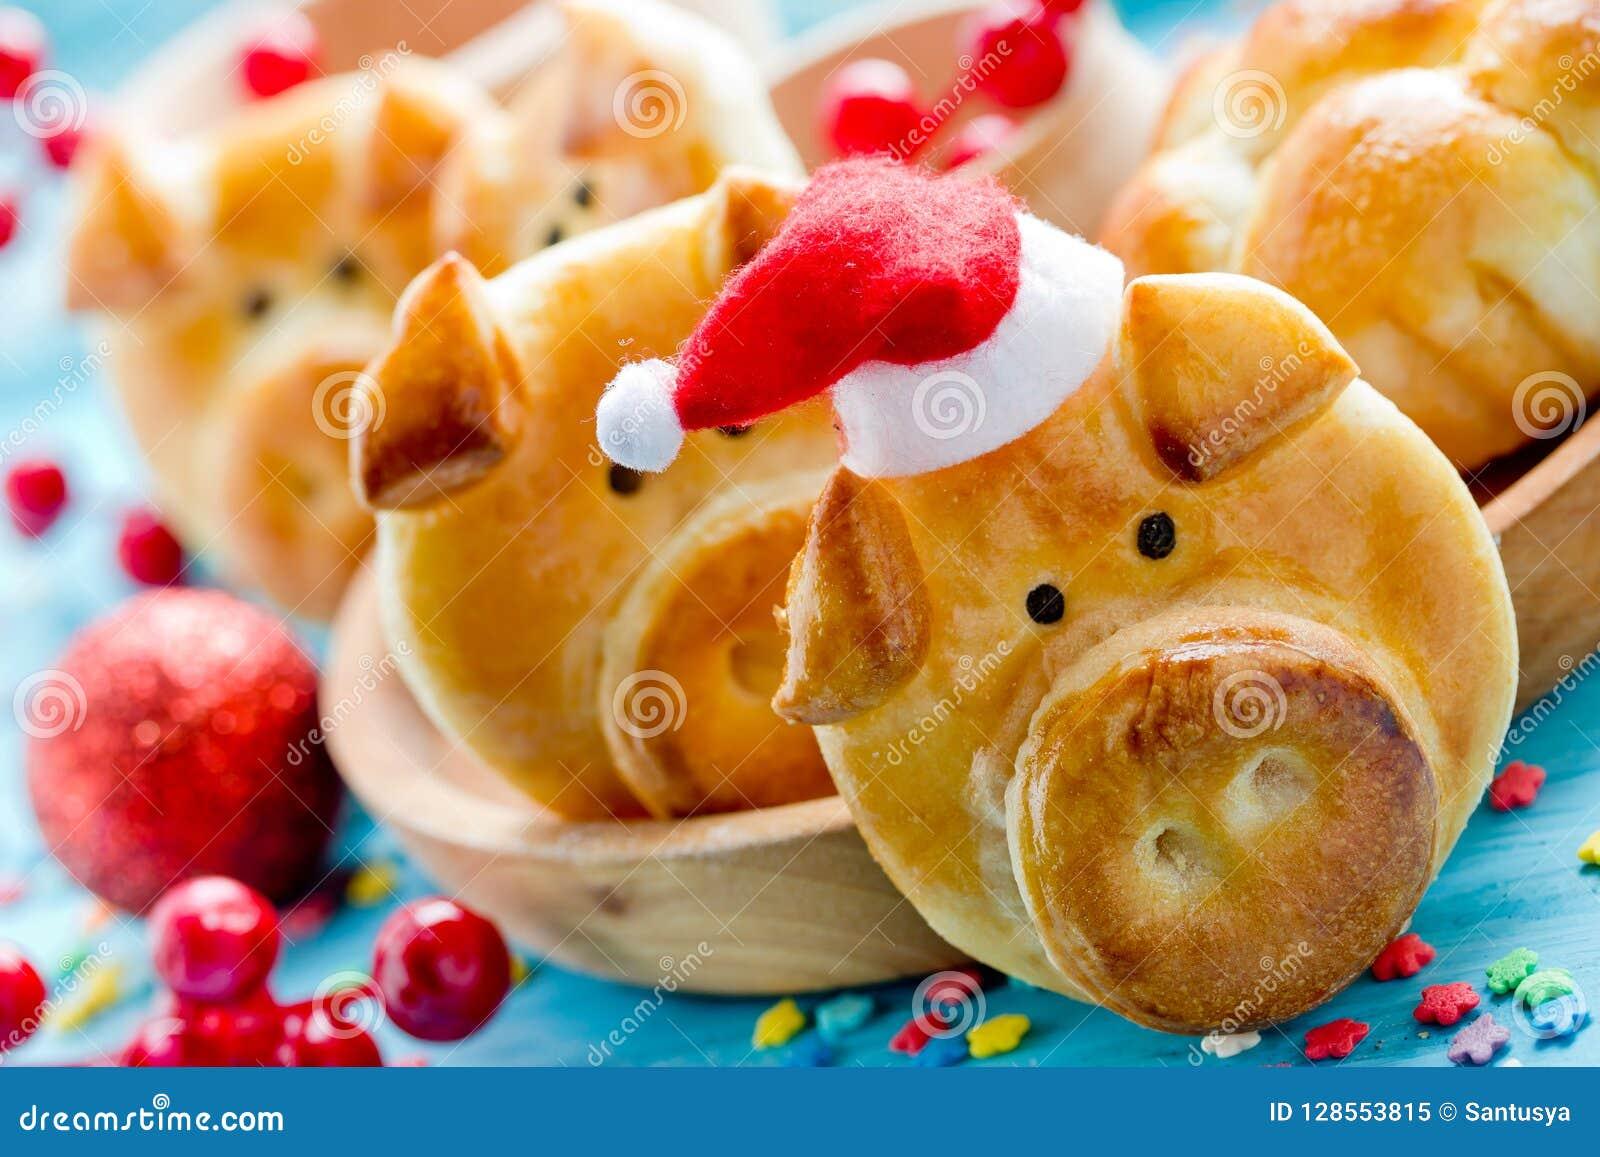 Los bollos del pan del cerdo, idea divertida de la hornada formaron caras guarras lindas